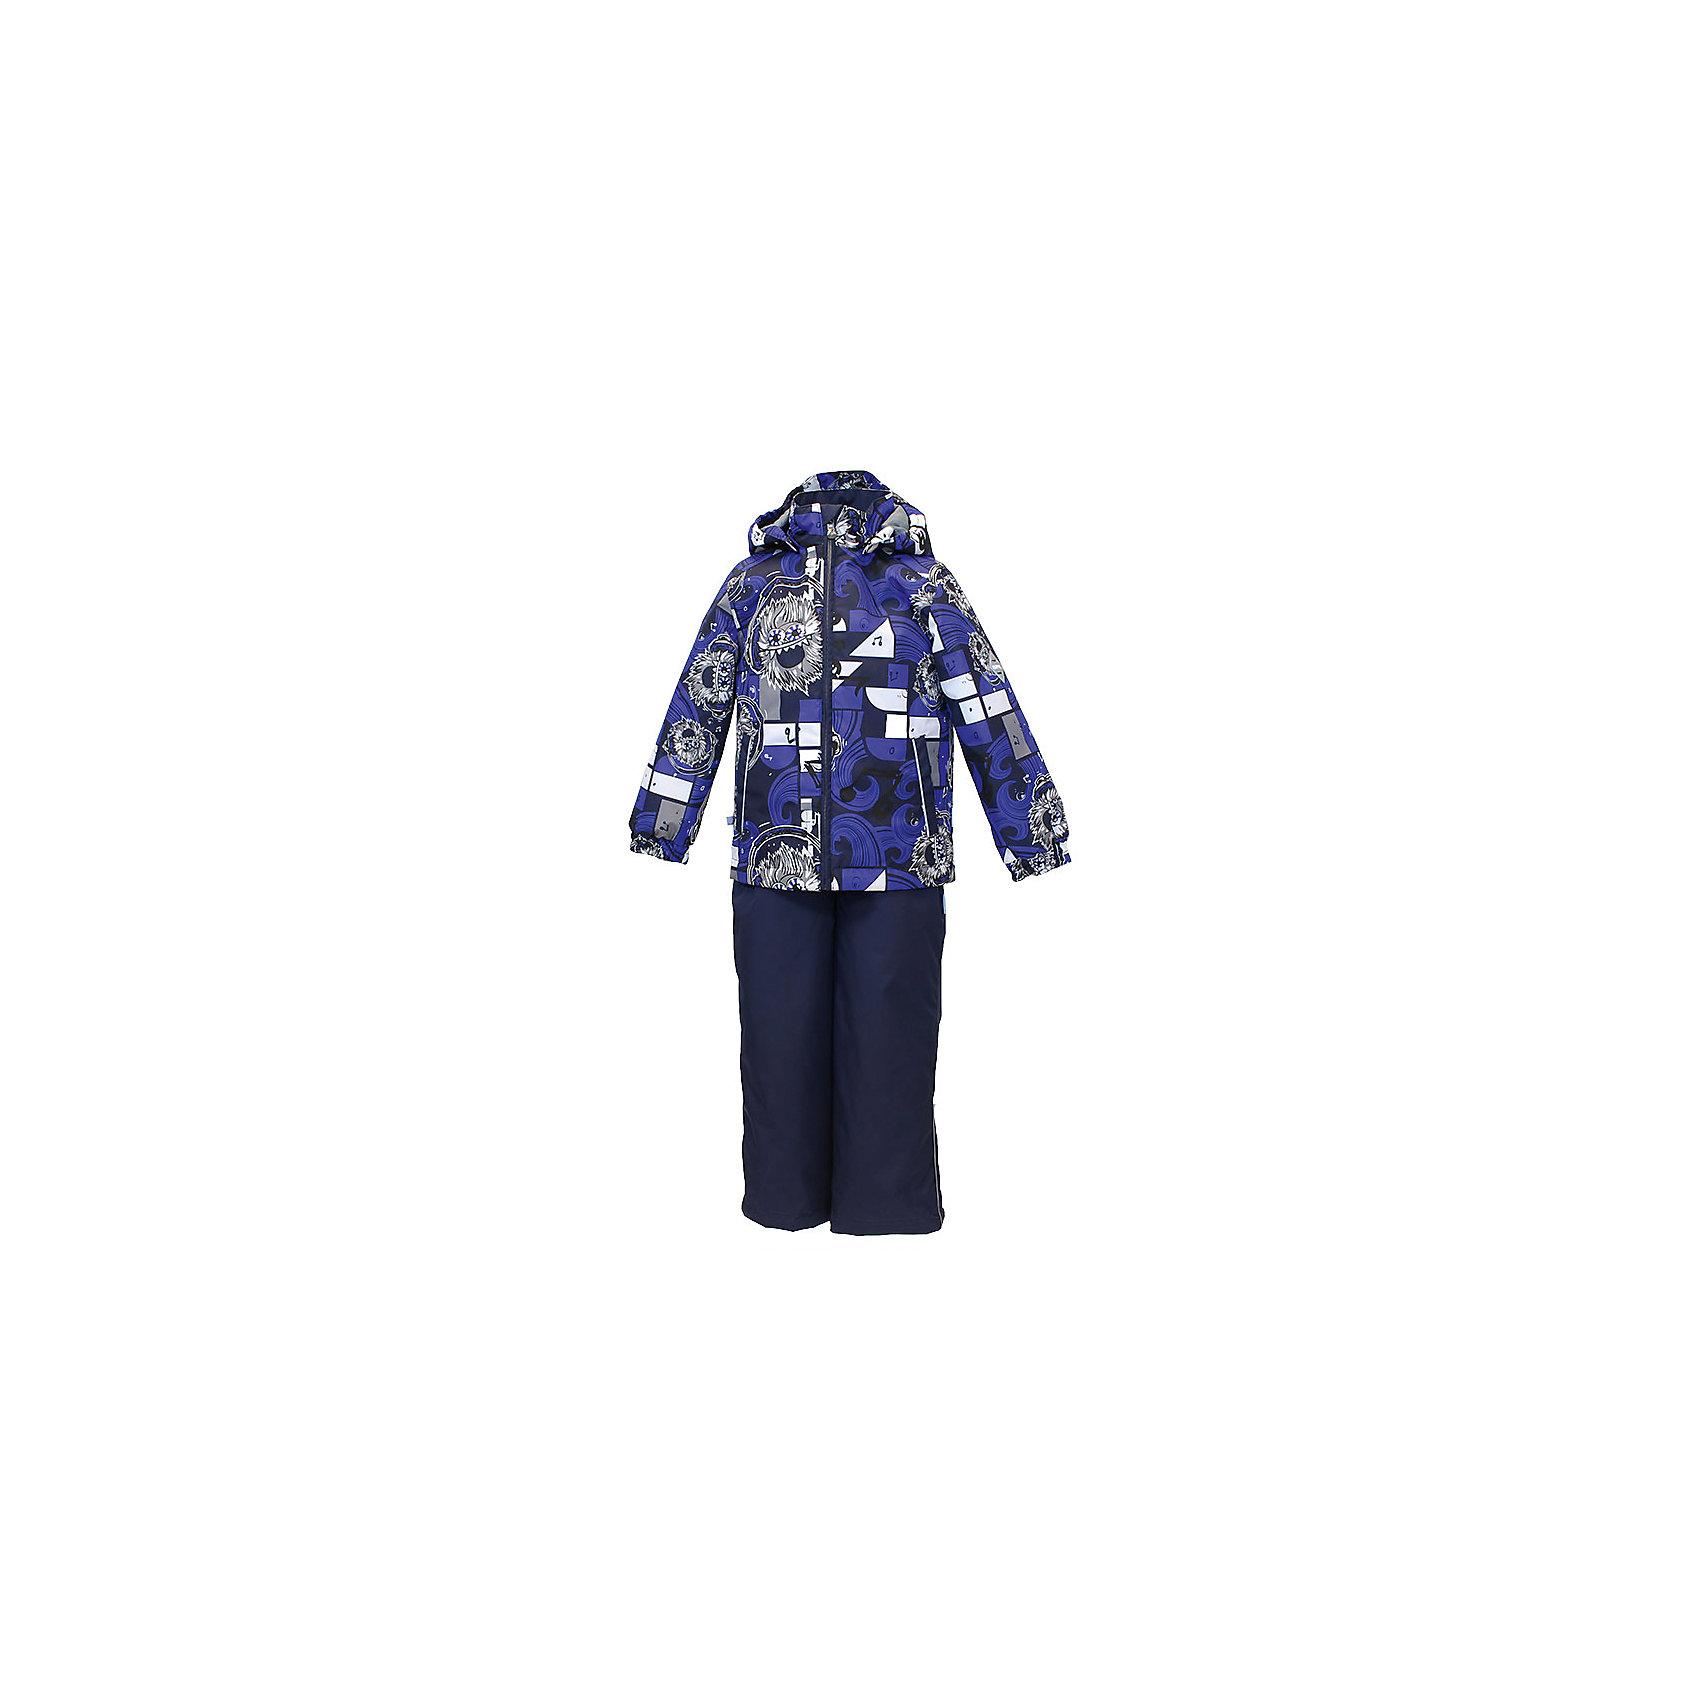 Комплект: куртка и полукомбинезон YOKO для мальчика HuppaВерхняя одежда<br>Характеристики товара:<br><br>• цвет: синий принт<br>• комплектация: куртка и полукомбинезон <br>• ткань: 100% полиэстер<br>• подкладка: тафта - 100% полиэстер<br>• утеплитель: в куртке и в брюках - 100% полиэстер 100 г<br>• температурный режим: от -5°С до +10°С<br>• водонепроницаемость: 10000 мм<br>• воздухопроницаемость: 10000 мм<br>• светоотражающие детали<br>• шов сидения проклеен<br>• эластичный шнур по низу куртки<br>• эластичный шнур с фиксатором внизу брючин<br>• съёмный капюшон с резинкой<br>• эластичные манжеты рукавов<br>• регулируемые низы брючин<br>• без внутренних швов<br>• резиновые подтяжки<br>• коллекция: весна-лето 2017<br>• страна бренда: Эстония<br><br>Такой модный демисезонный комплект  обеспечит детям тепло и комфорт. Он сделан из материала, отталкивающего воду, и дополнен подкладкой с утеплителем, поэтому изделие идеально подходит для межсезонья. Материал изделий - с мембранной технологией: защищая от влаги и ветра, он легко выводит лишнюю влагу наружу. Комплект очень симпатично смотрится. <br><br>Одежда и обувь от популярного эстонского бренда Huppa - отличный вариант одеть ребенка можно и комфортно. Вещи, выпускаемые компанией, качественные, продуманные и очень удобные. Для производства изделий используются только безопасные для детей материалы. Продукция от Huppa порадует и детей, и их родителей!<br><br>Комплект: куртка и полукомбинезон YOKO от бренда Huppa (Хуппа) можно купить в нашем интернет-магазине.<br><br>Ширина мм: 356<br>Глубина мм: 10<br>Высота мм: 245<br>Вес г: 519<br>Цвет: синий<br>Возраст от месяцев: 72<br>Возраст до месяцев: 84<br>Пол: Мужской<br>Возраст: Детский<br>Размер: 122,92,98,104,110,116<br>SKU: 5346753